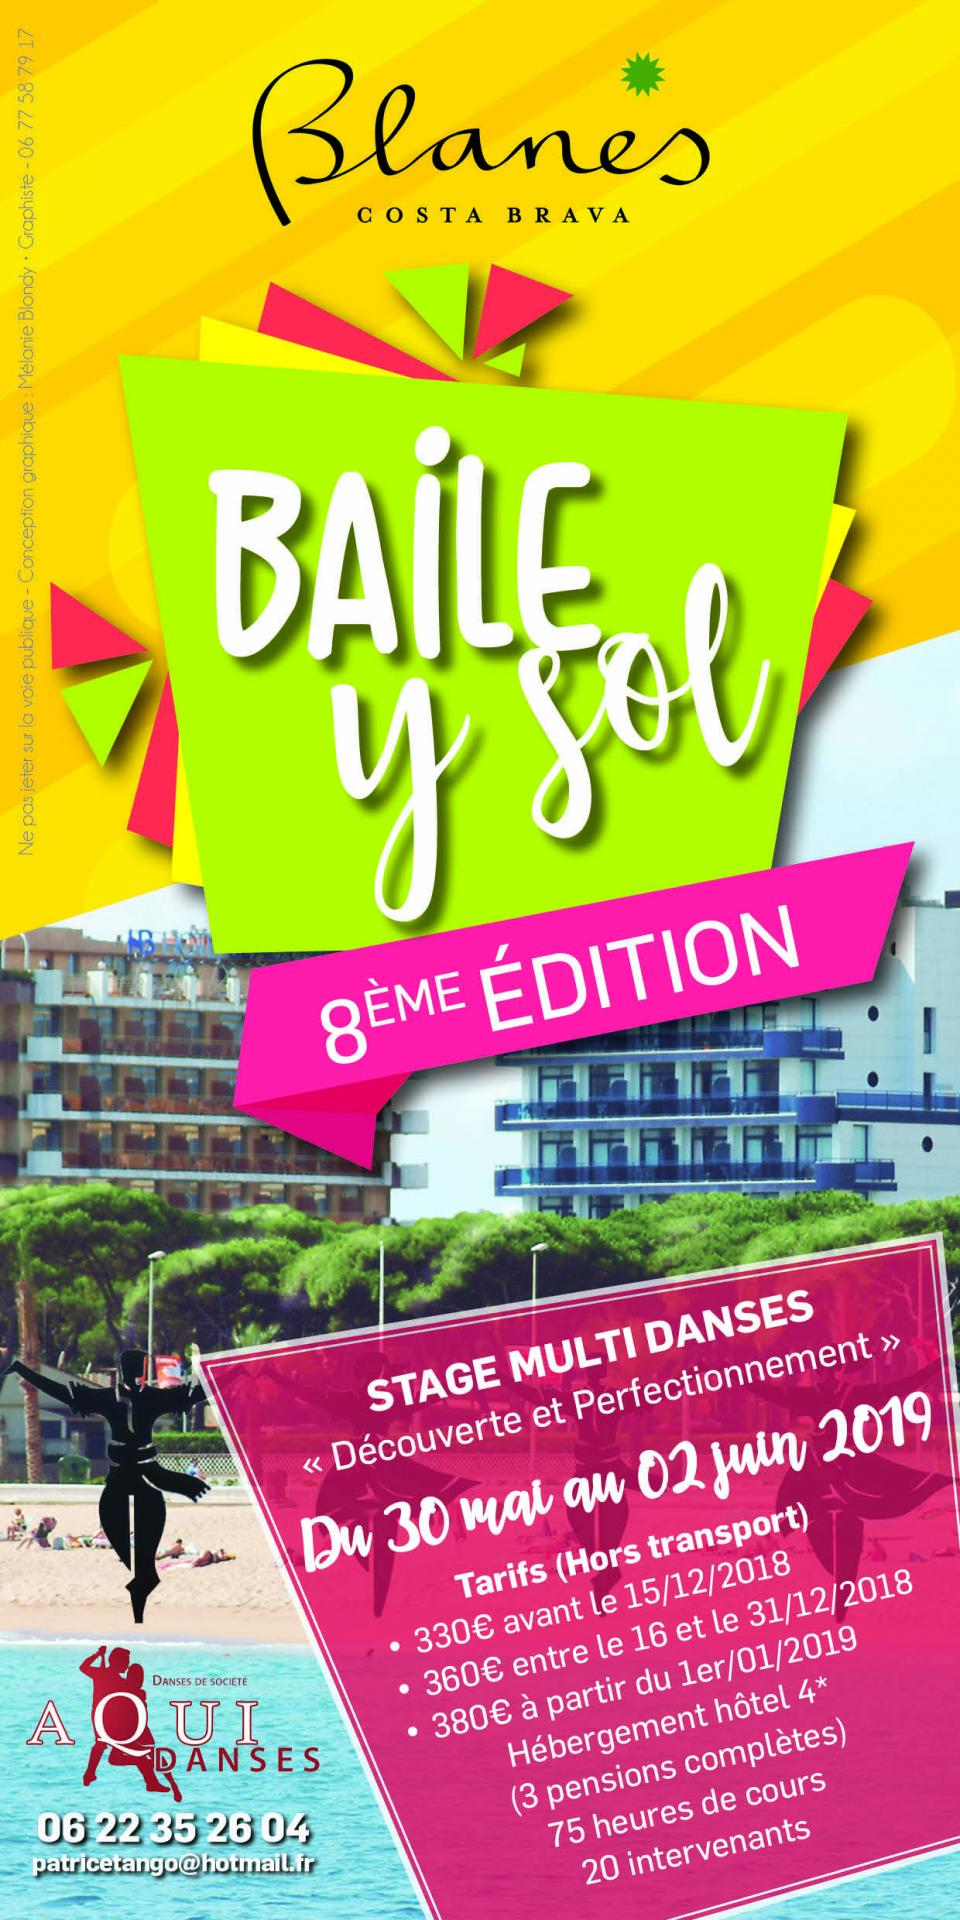 Flyer baile y sol blanes 2019 p1